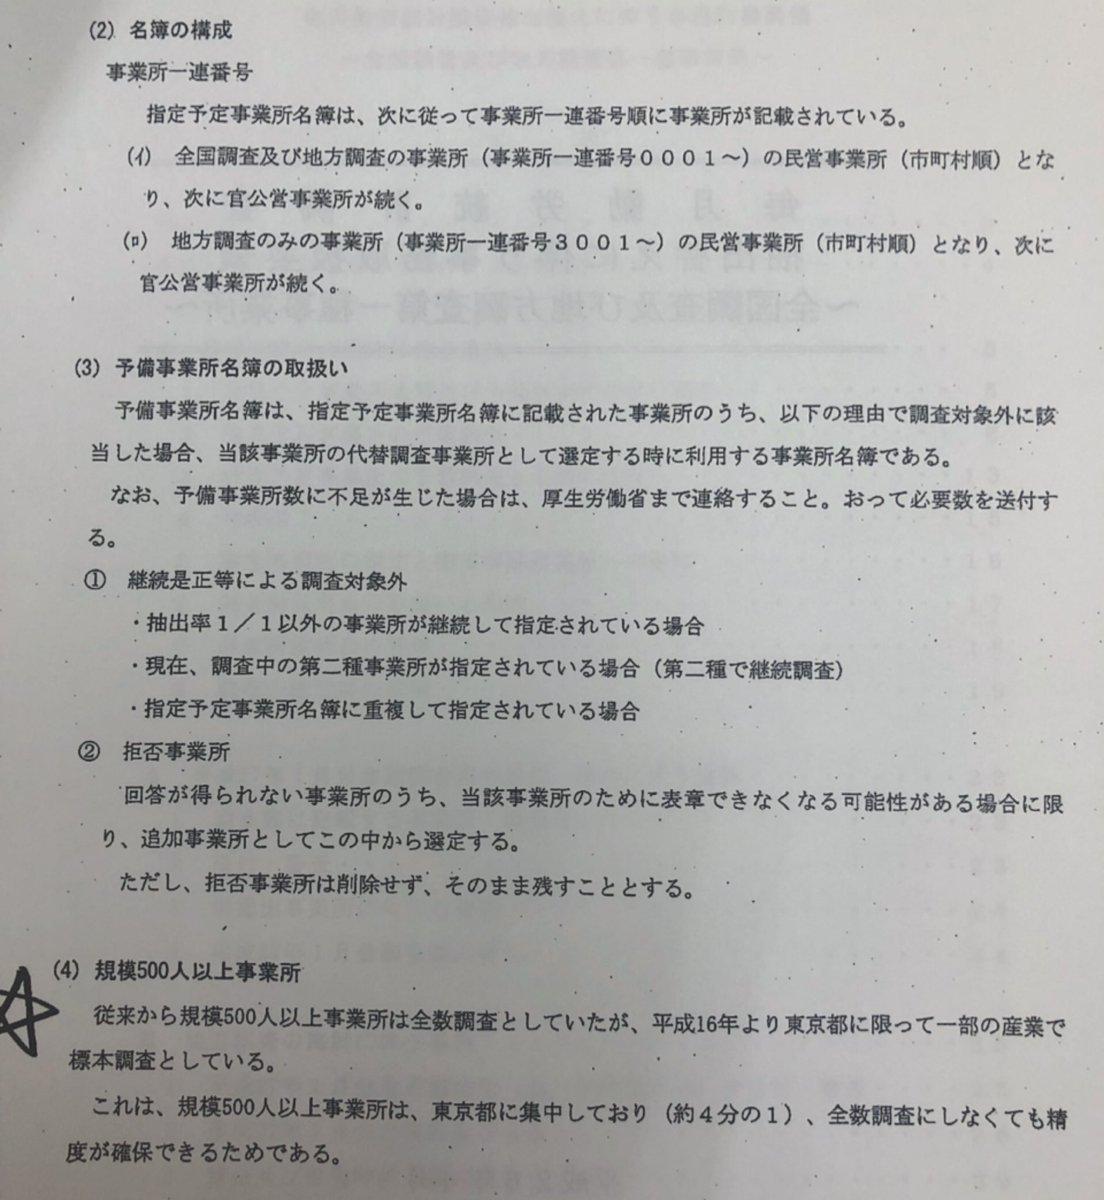 勤労統計改ざん問題の野党合同ヒアリング。尾辻議員が大阪府から入手した2011年調査の説明には東京都は「2004年から」「標本調査」「全数でなくても精度確保」と説明していた。が、2014年の説明からは削除されている。 https://t.co/1LEcUZmX5I